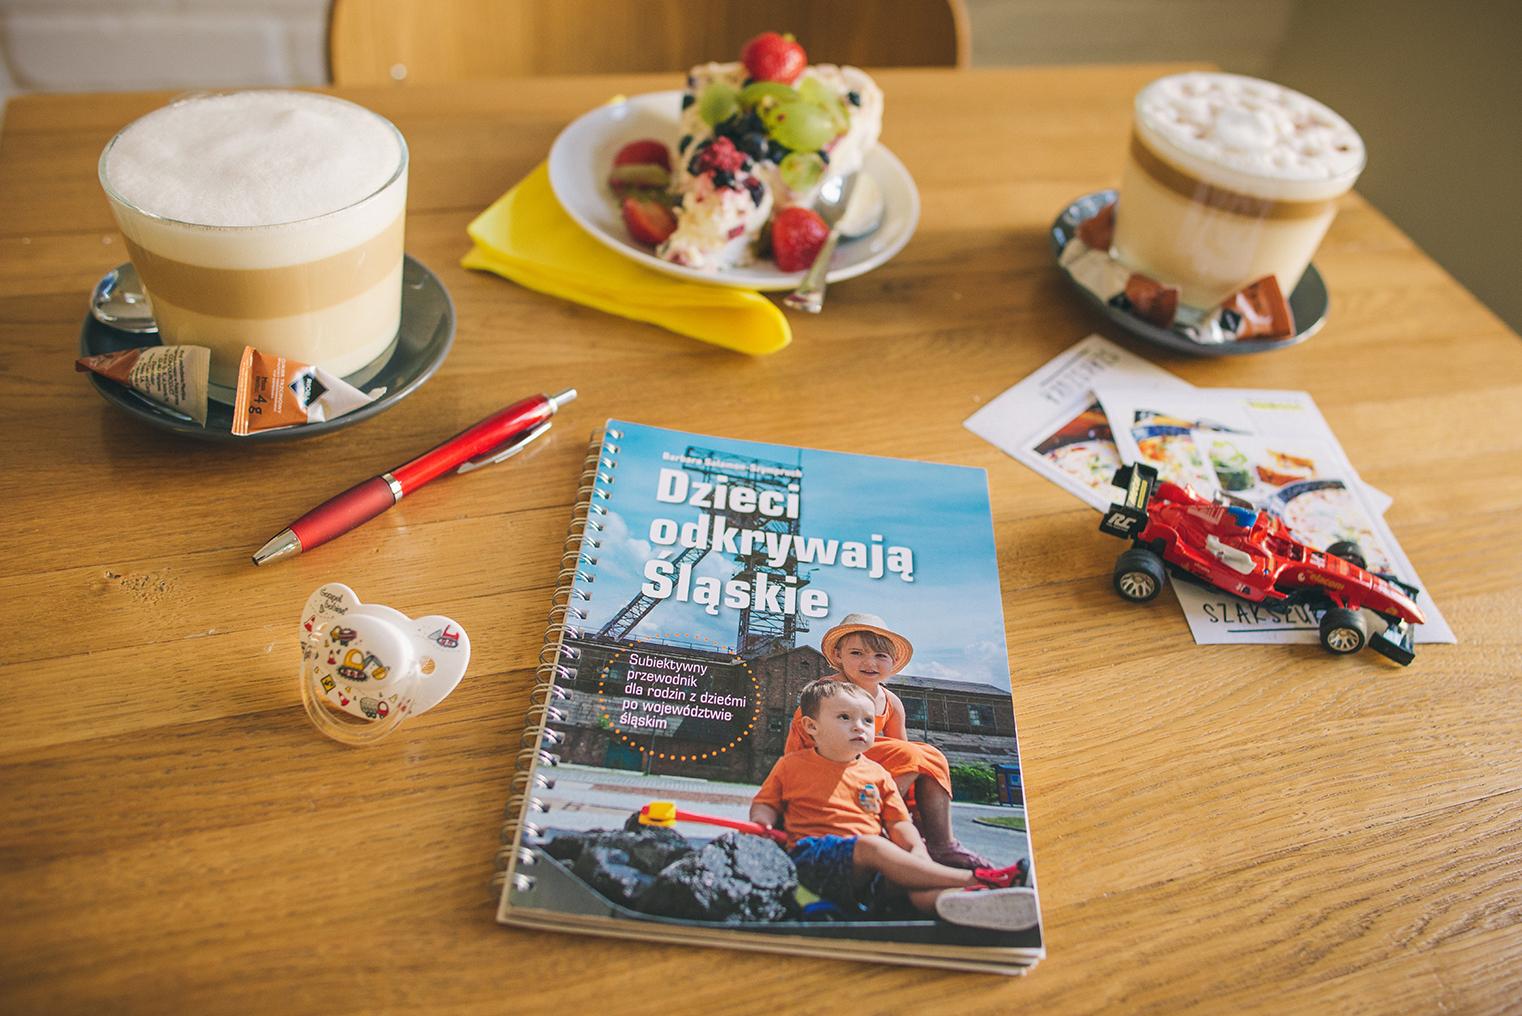 Dzieci odkrywają Śląskie – recenzja